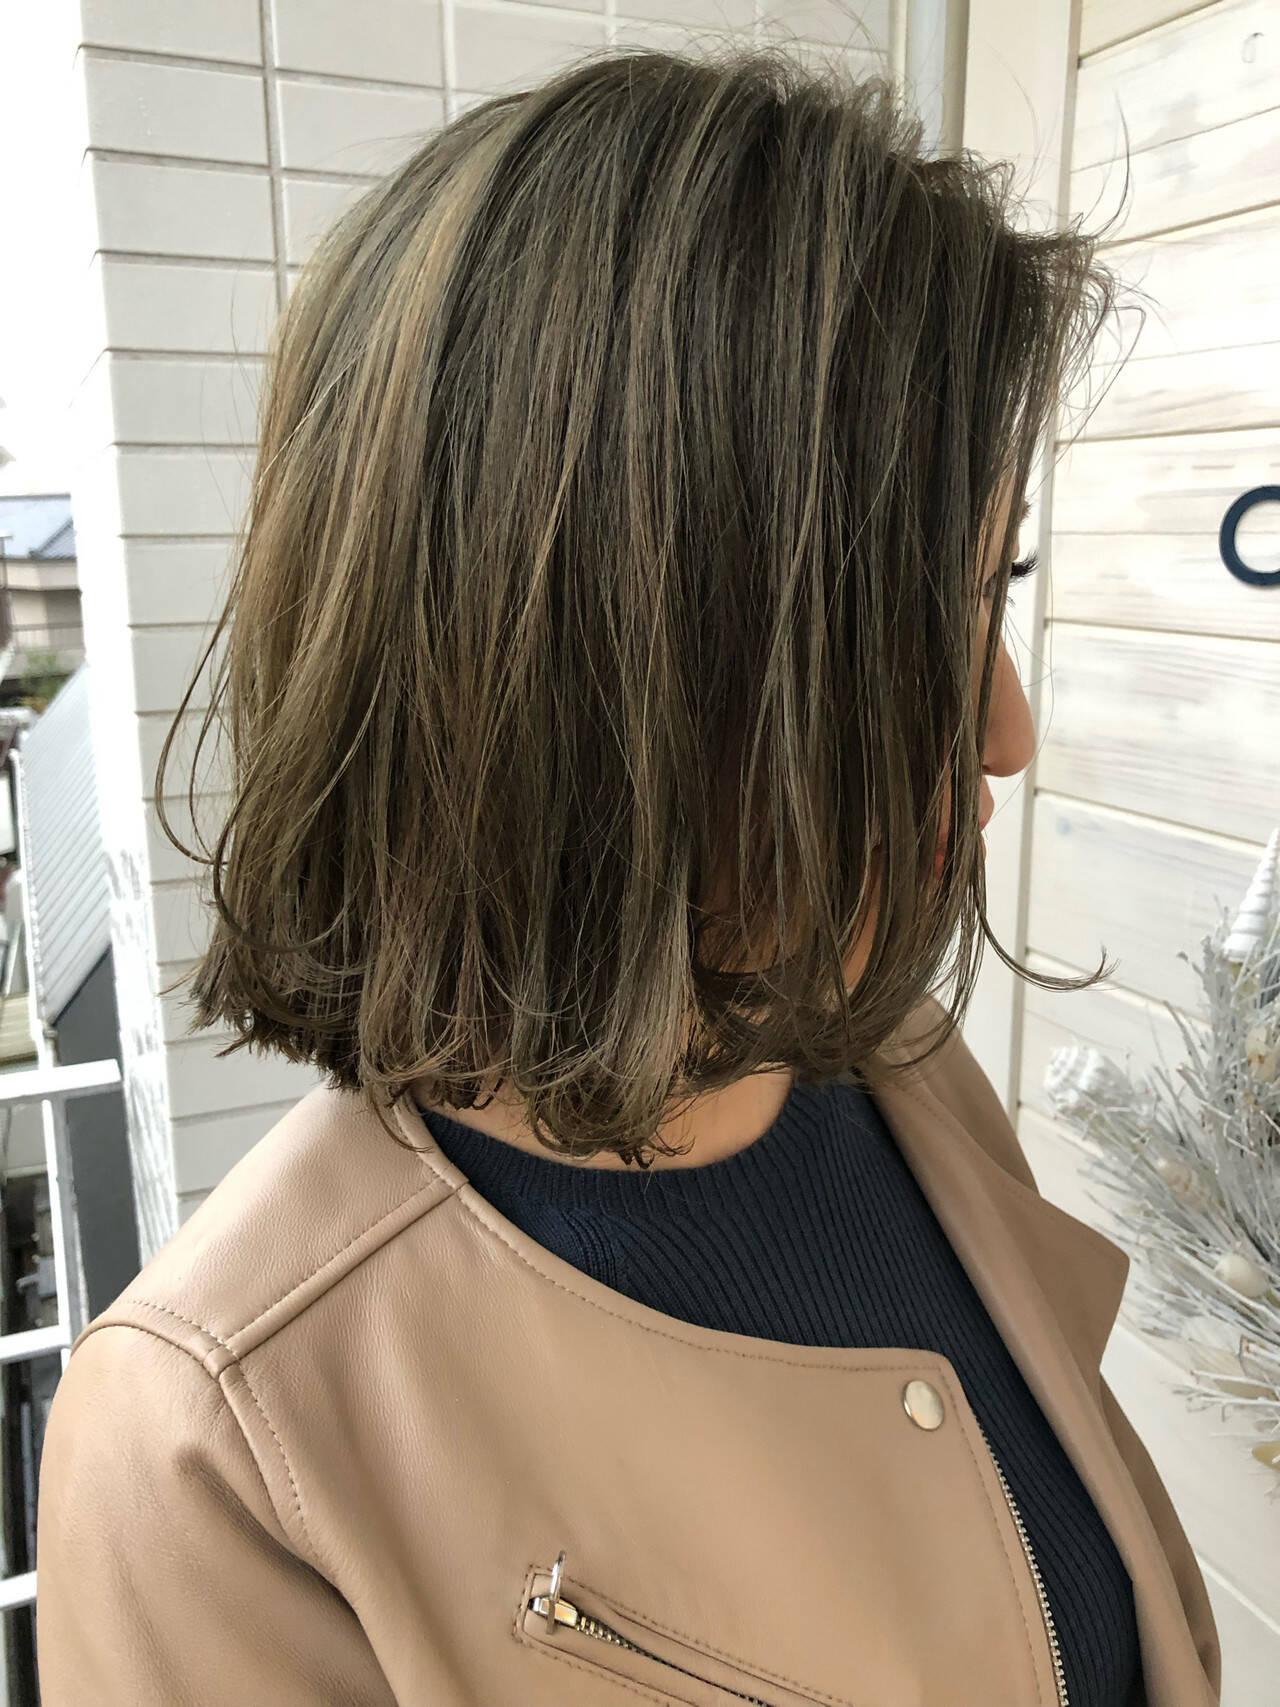 ボブ フェミニン ミディアム ヘアアレンジヘアスタイルや髪型の写真・画像